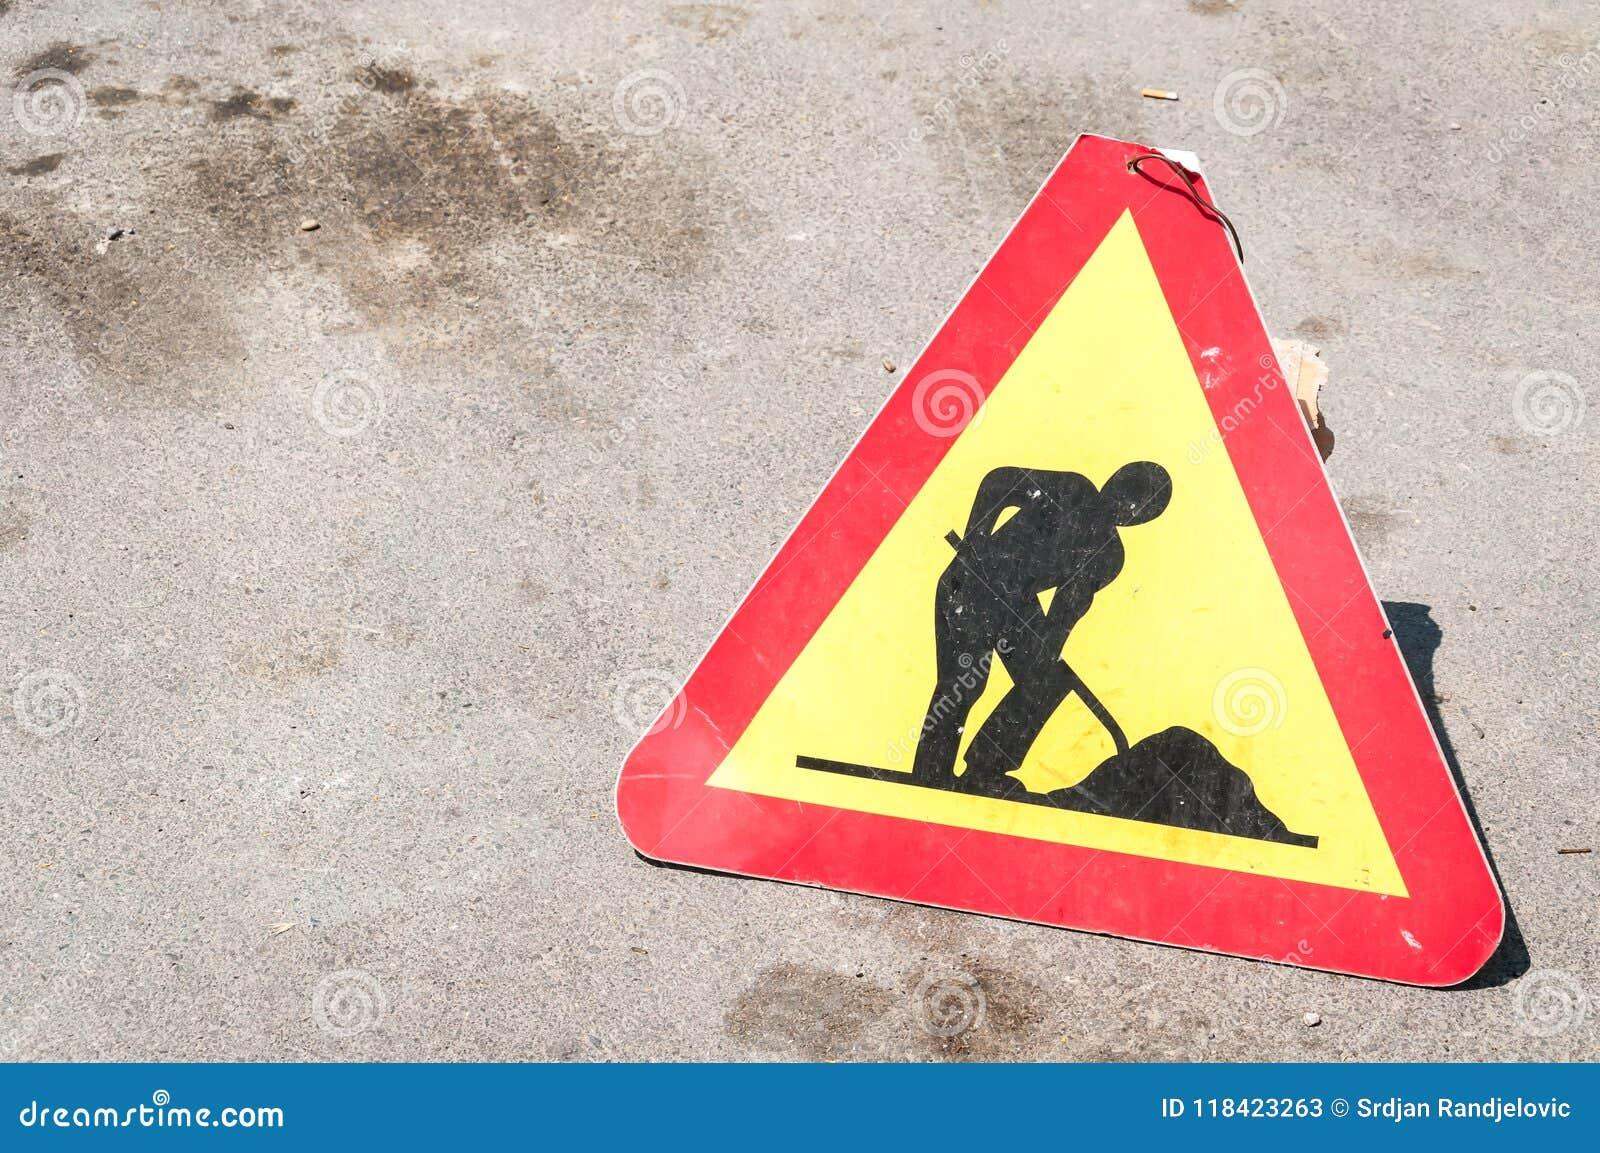 För varnings- eller varningstrafik för arbete vägmärke framåt på gatan